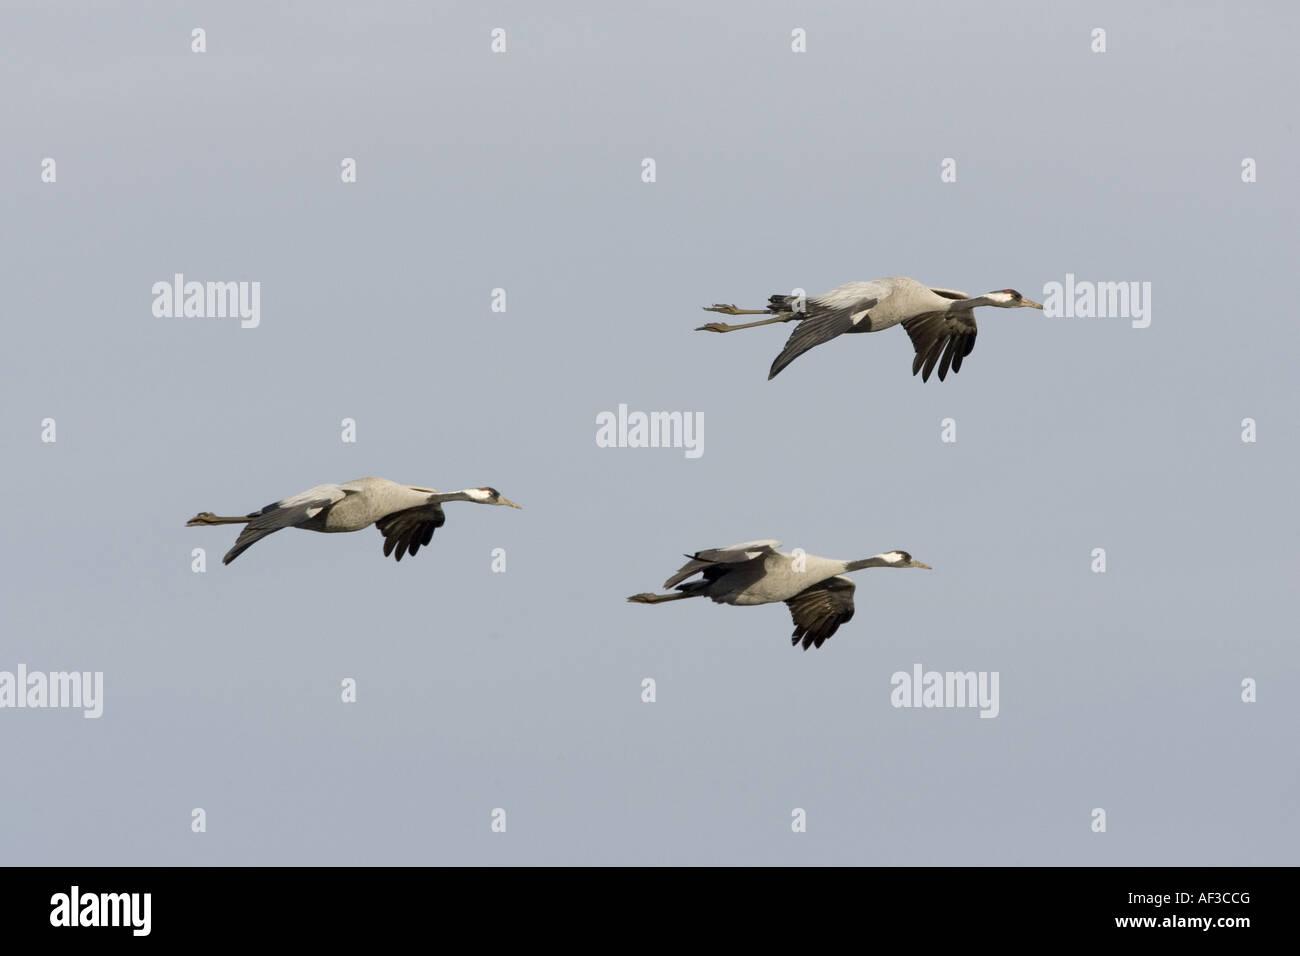 common crane (Grus grus), flying, Sweden, Hornborgasjoen - Stock Image